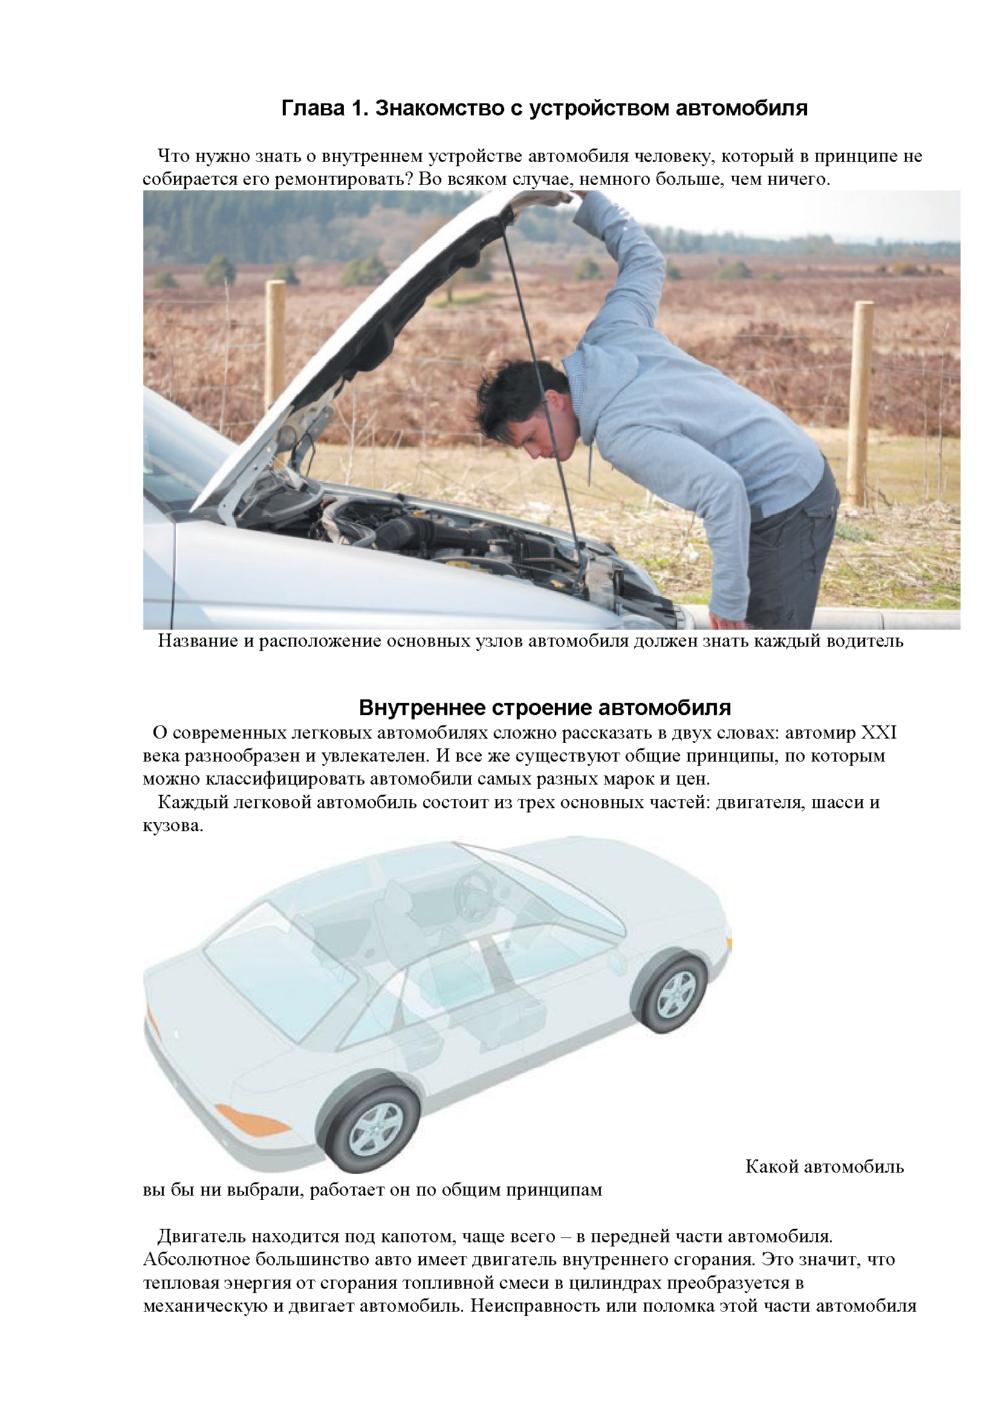 http://i2.imageban.ru/out/2013/12/01/98c01846754a50a82b72d8d5552fd059.jpg